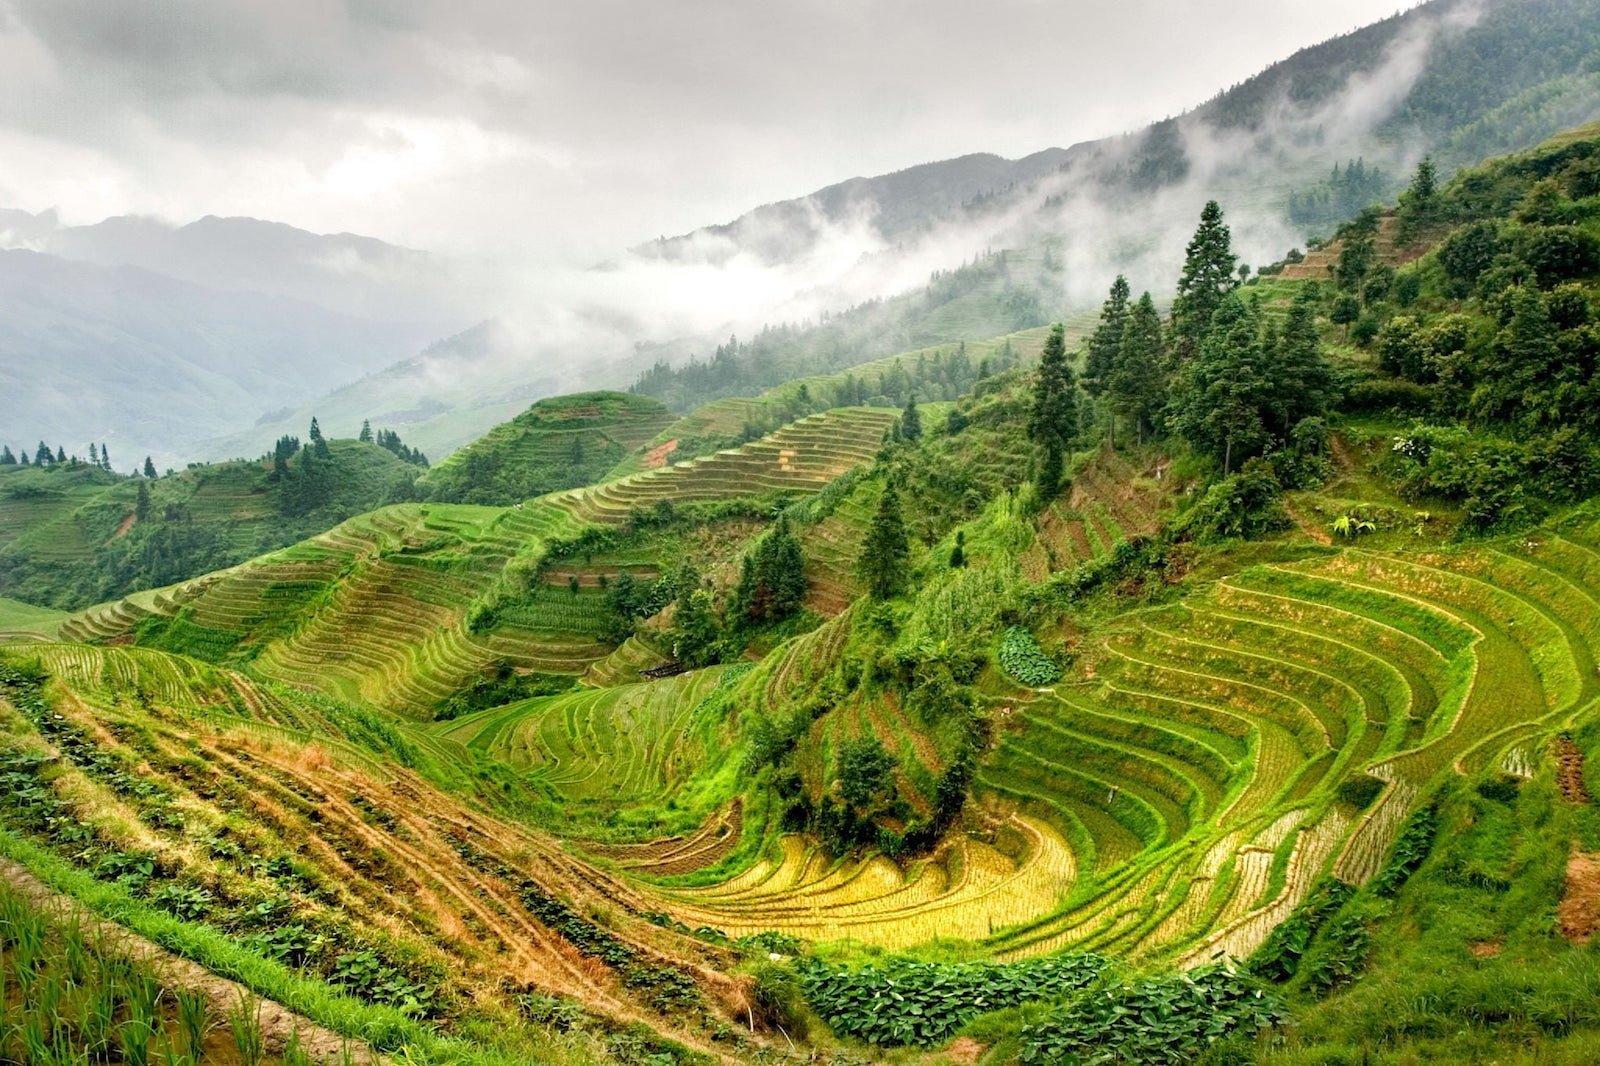 Рисовые террасы Лонгшэнь, Китай красивые места, мир, природа, путешествия, сказка